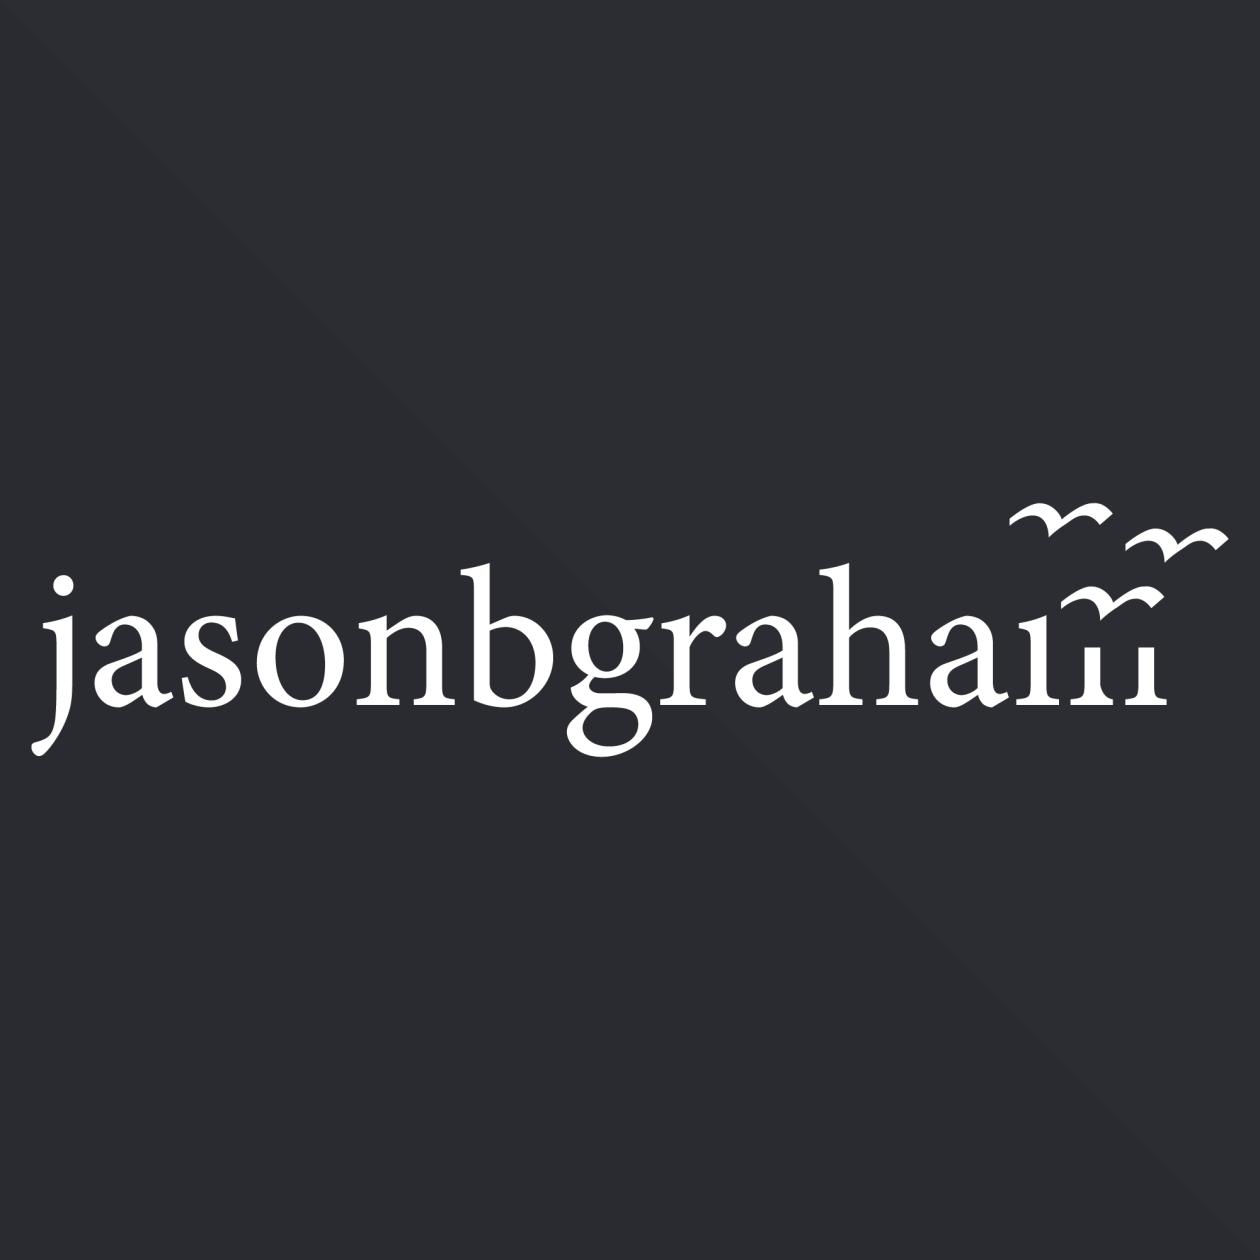 jason-b-graham-logo-design